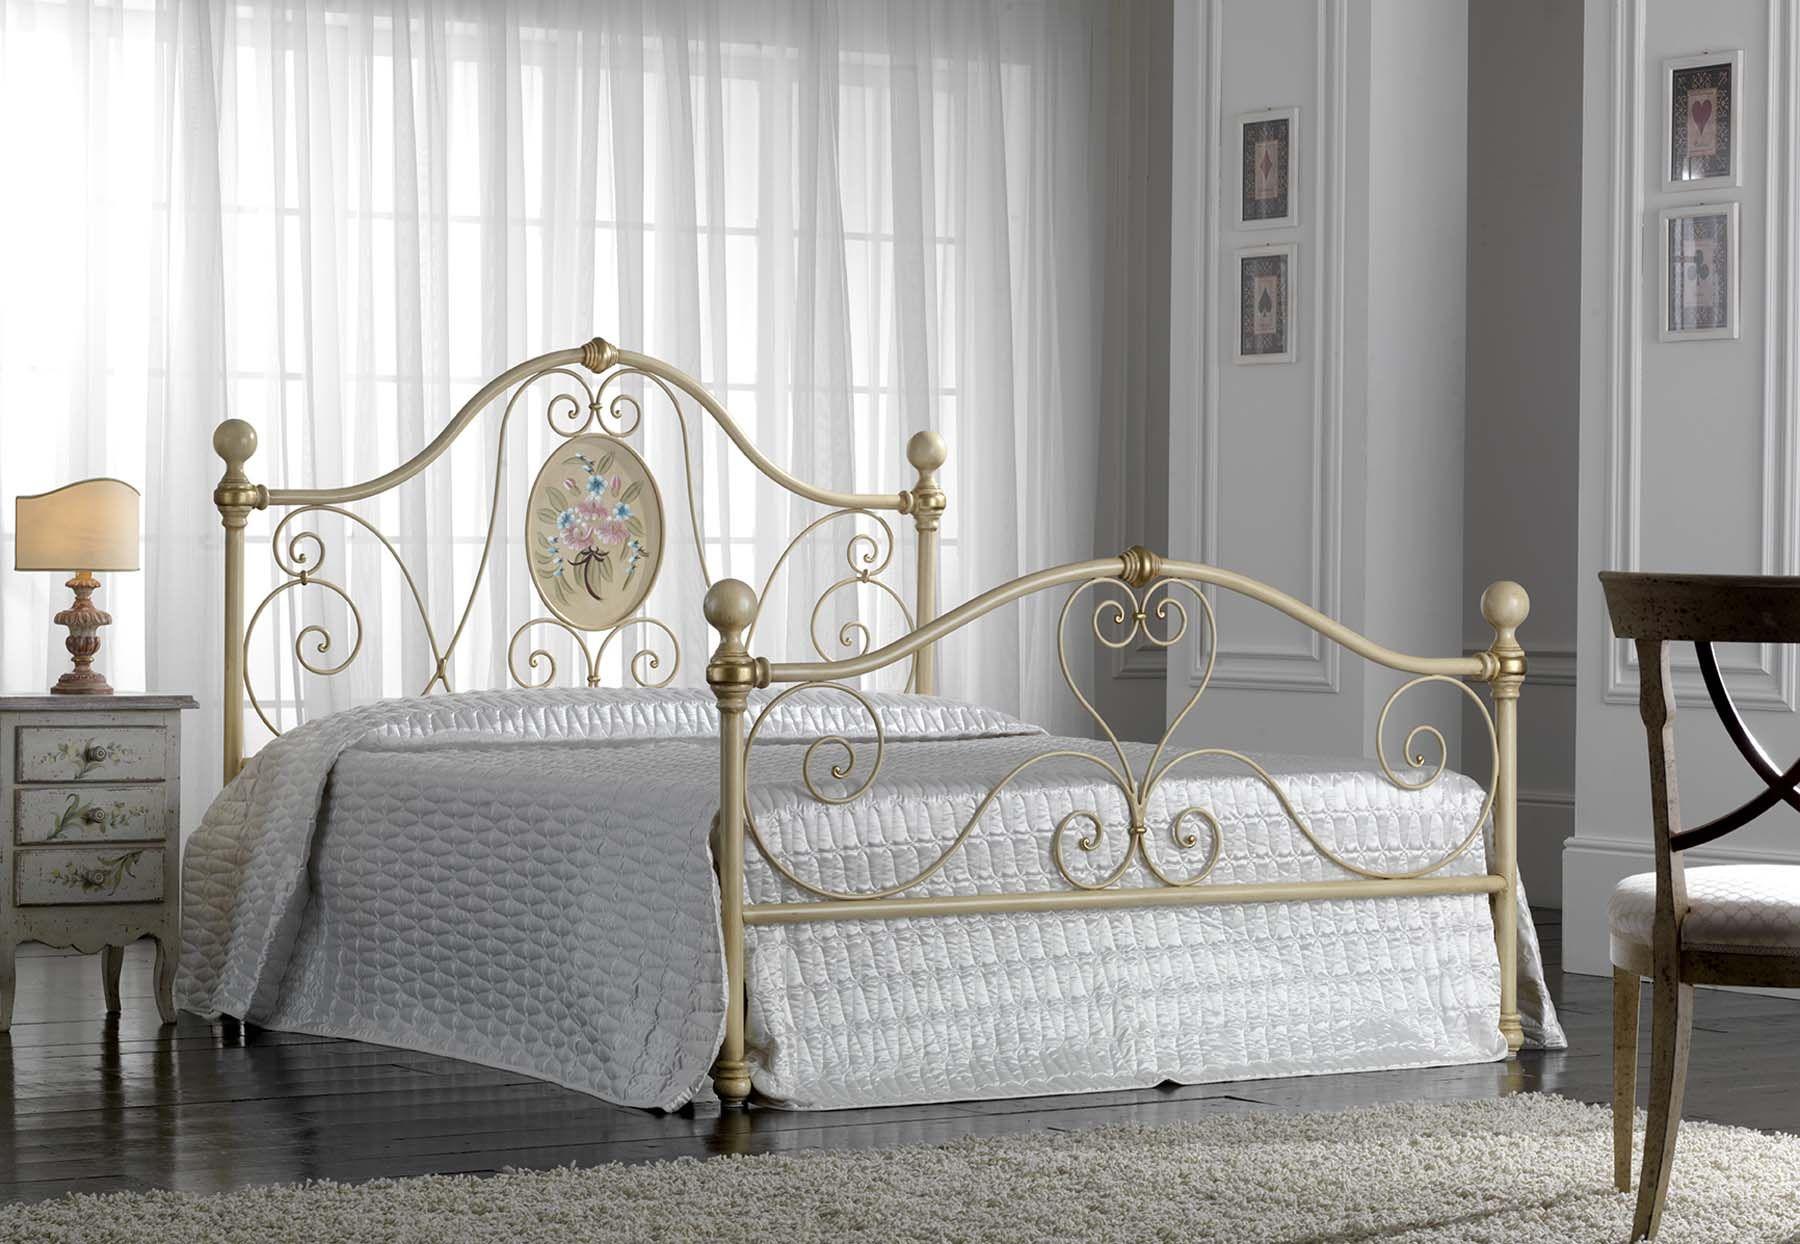 Italienisches Design Aus Schmiedeeisen Für Ihr Schlafzimmer.